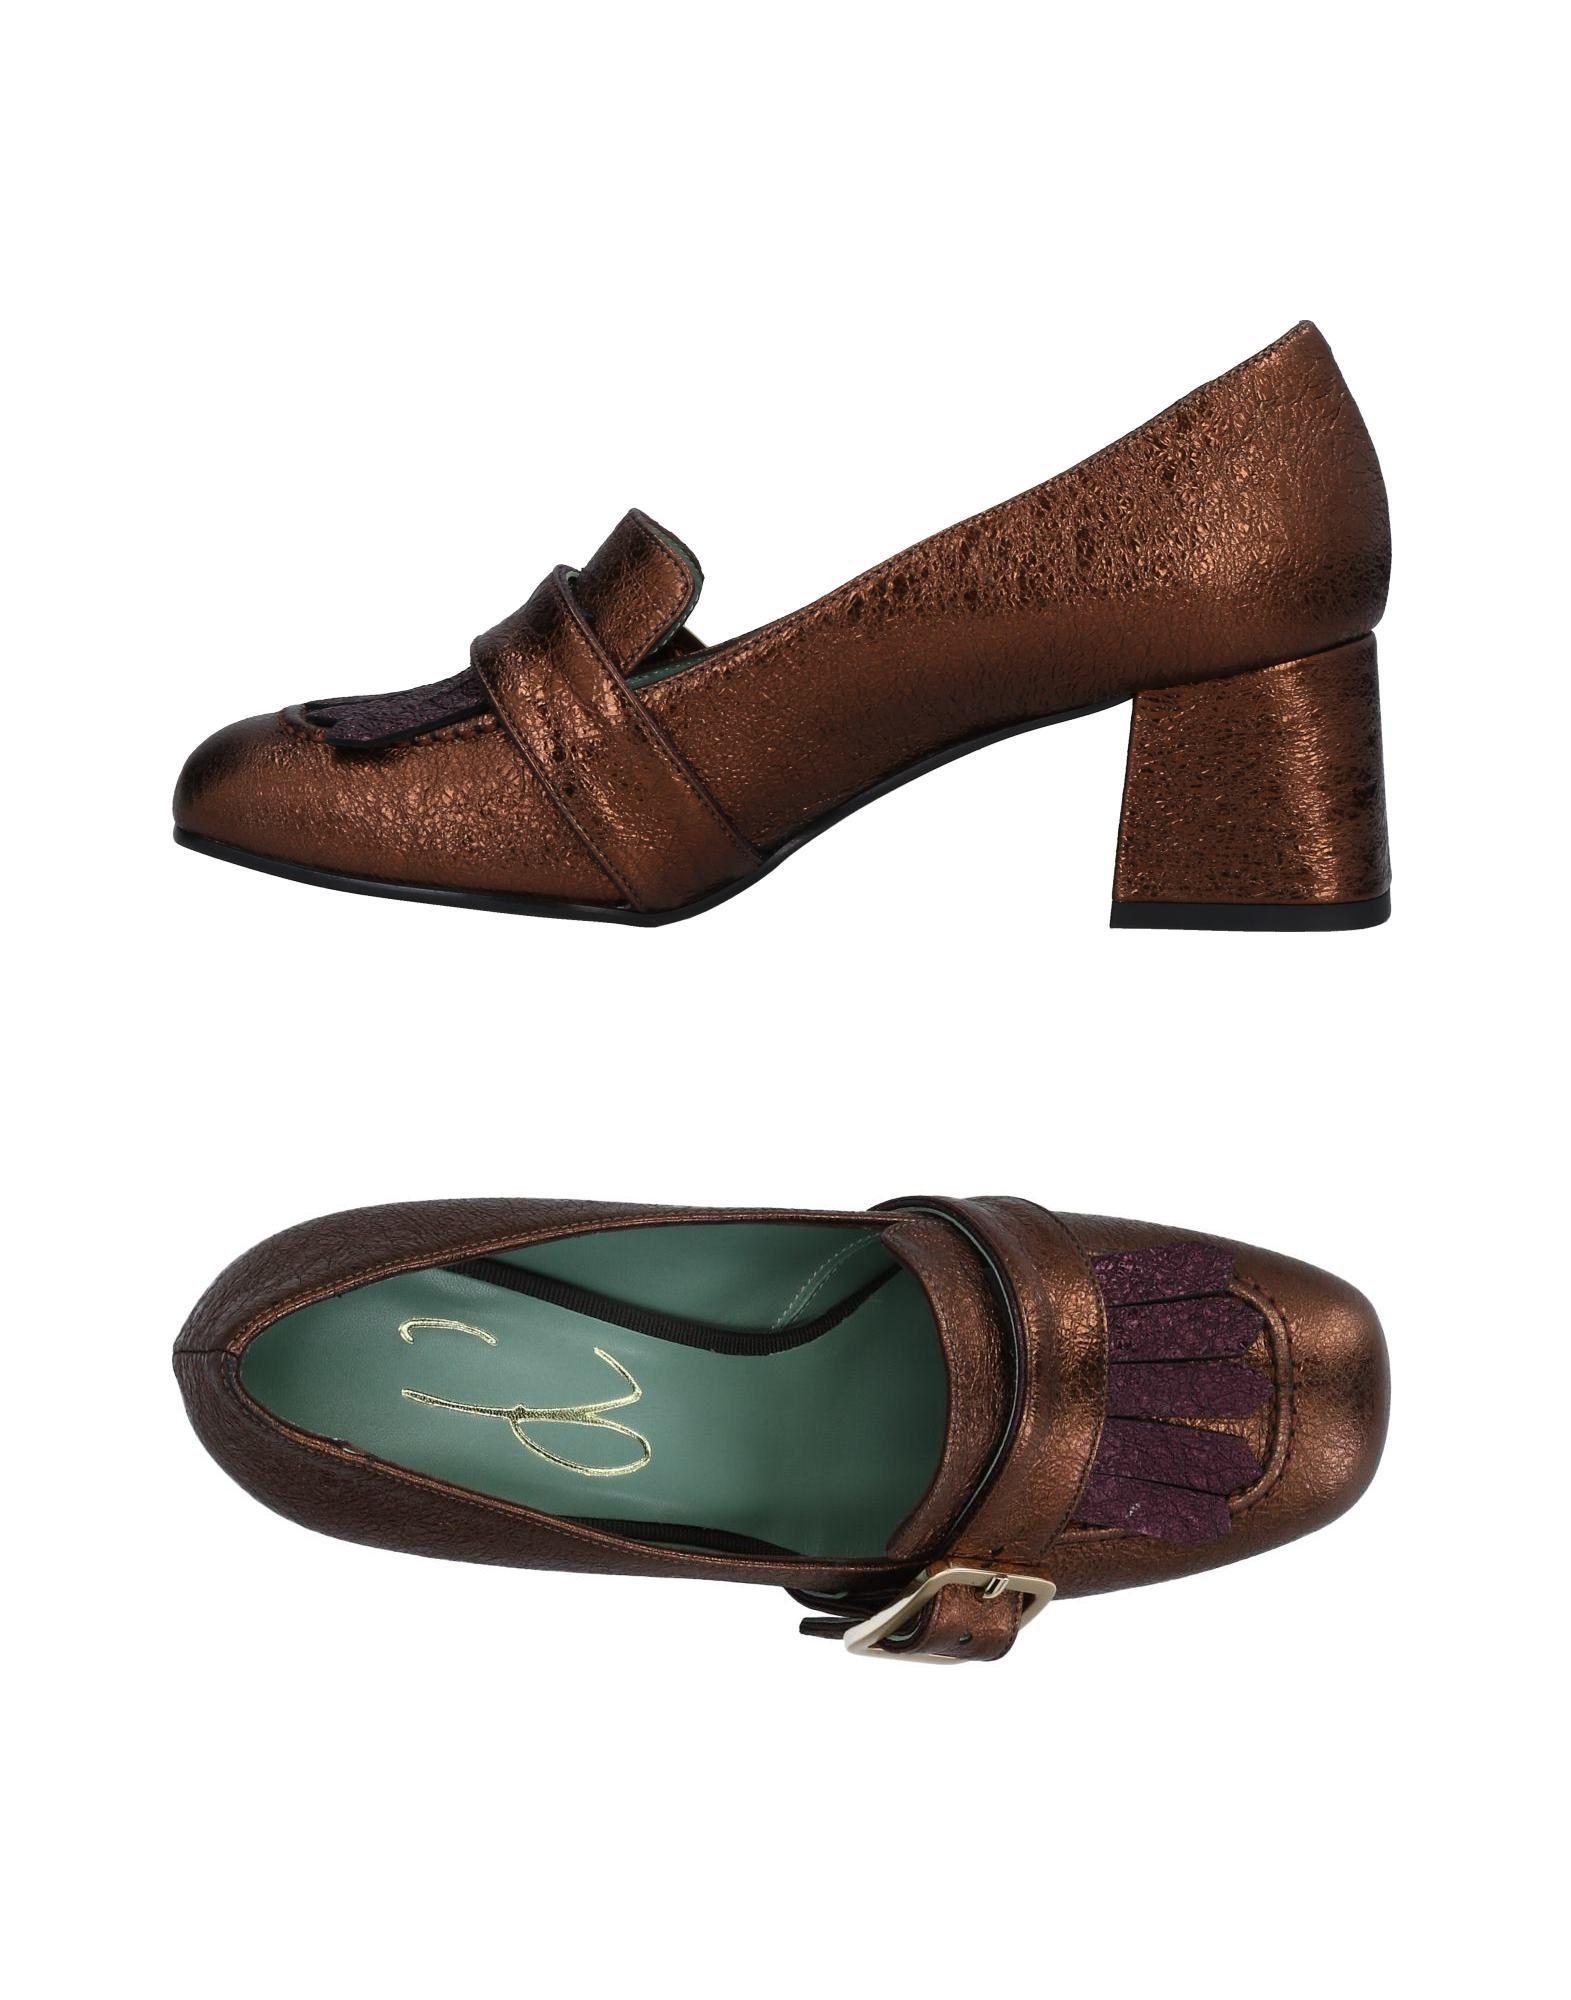 Stilvolle billige Schuhe  Paola D'arcano Mokassins Damen  Schuhe 11480708AF ffed98